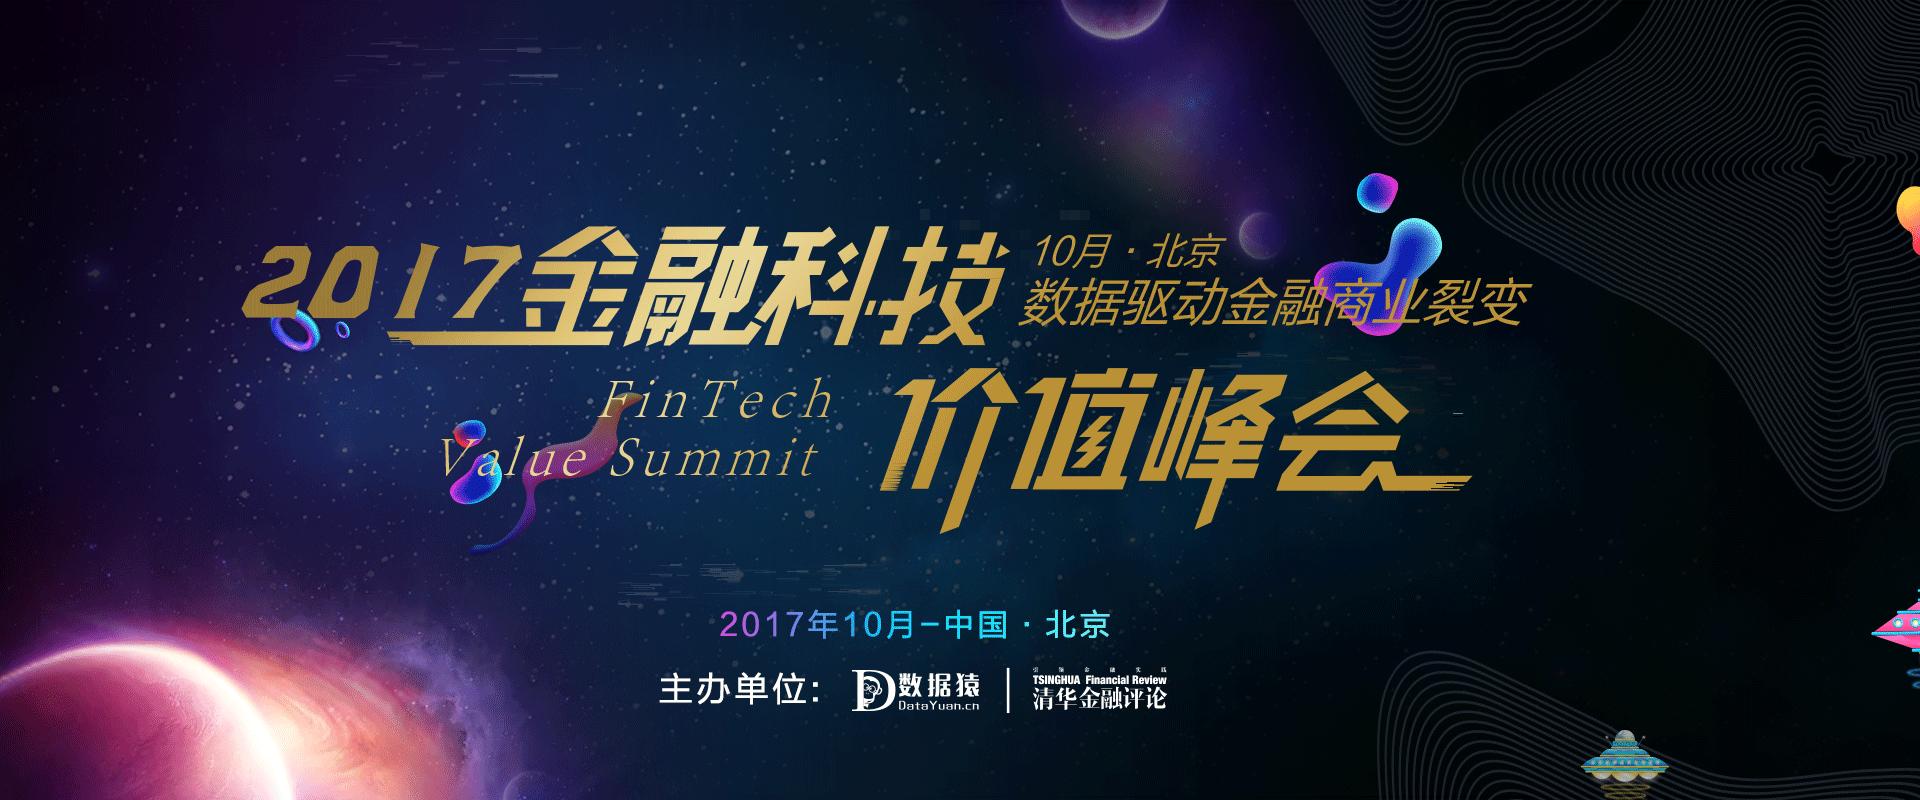 2017 金融科技价值峰会 ——数据驱动金融商业裂变